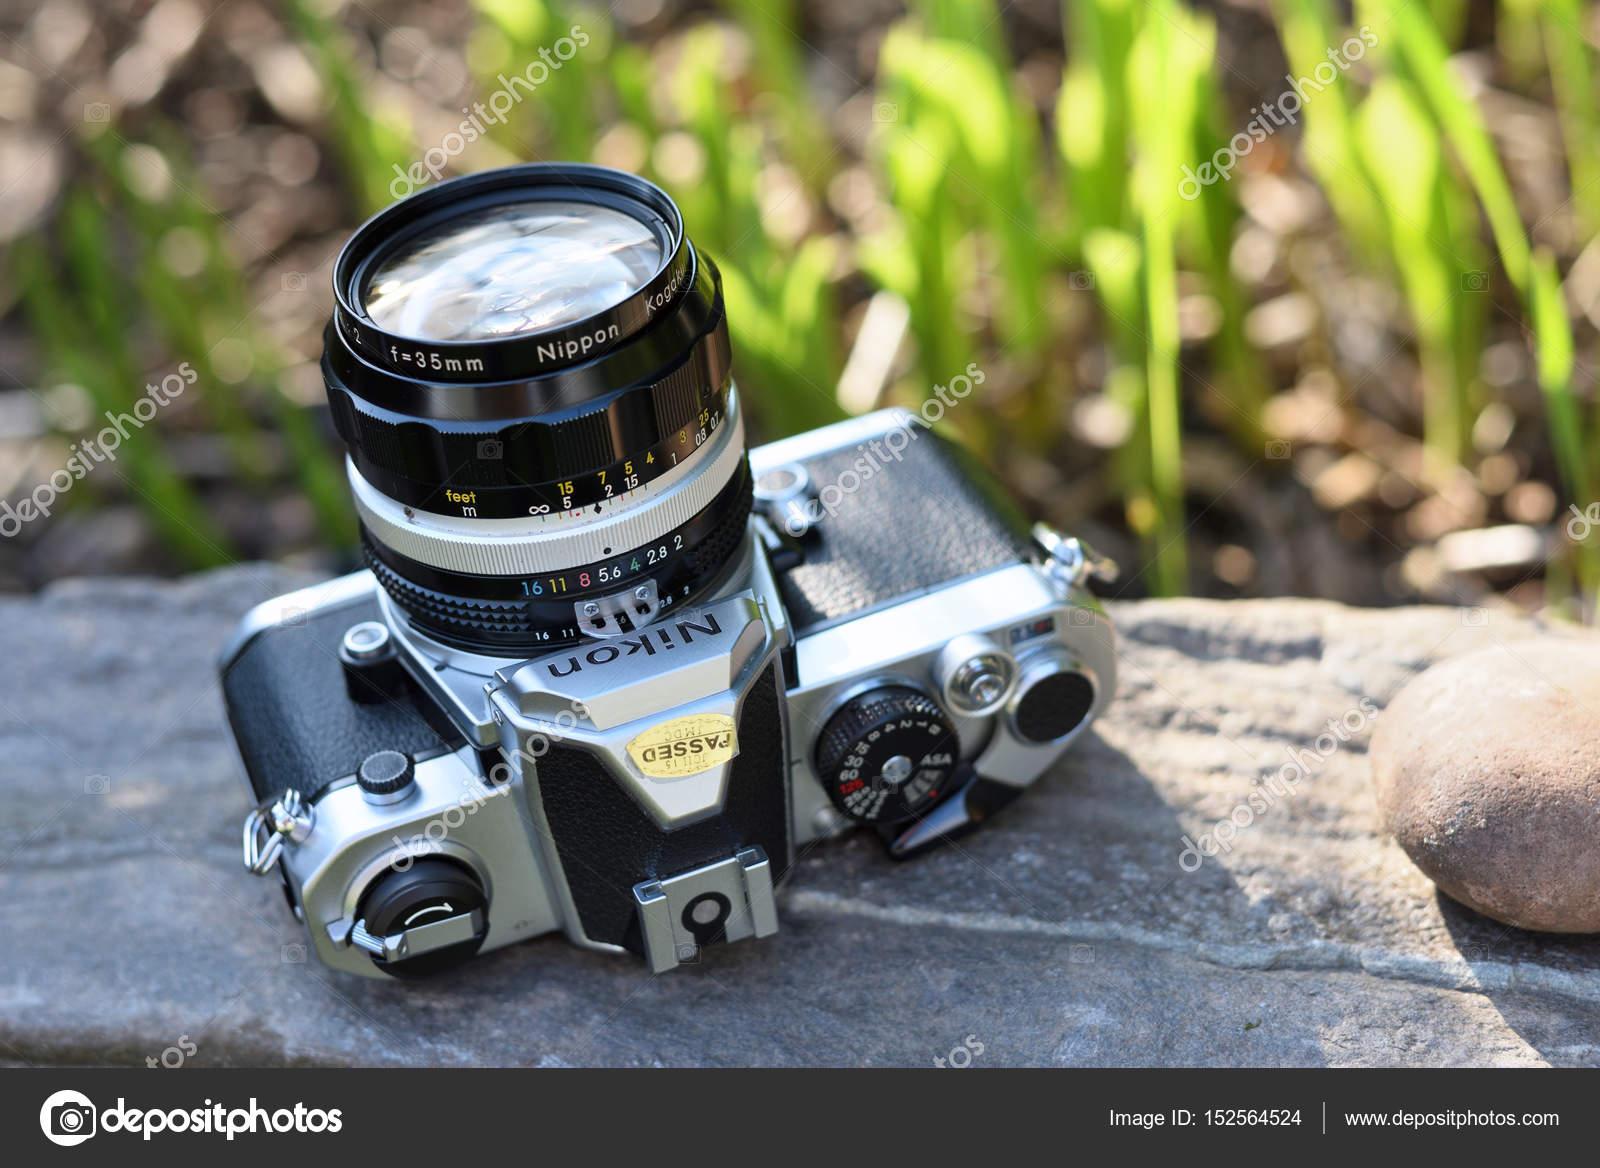 ニコン ビンテージ フィルム カメラ ストック編集用写真 fla 152564524